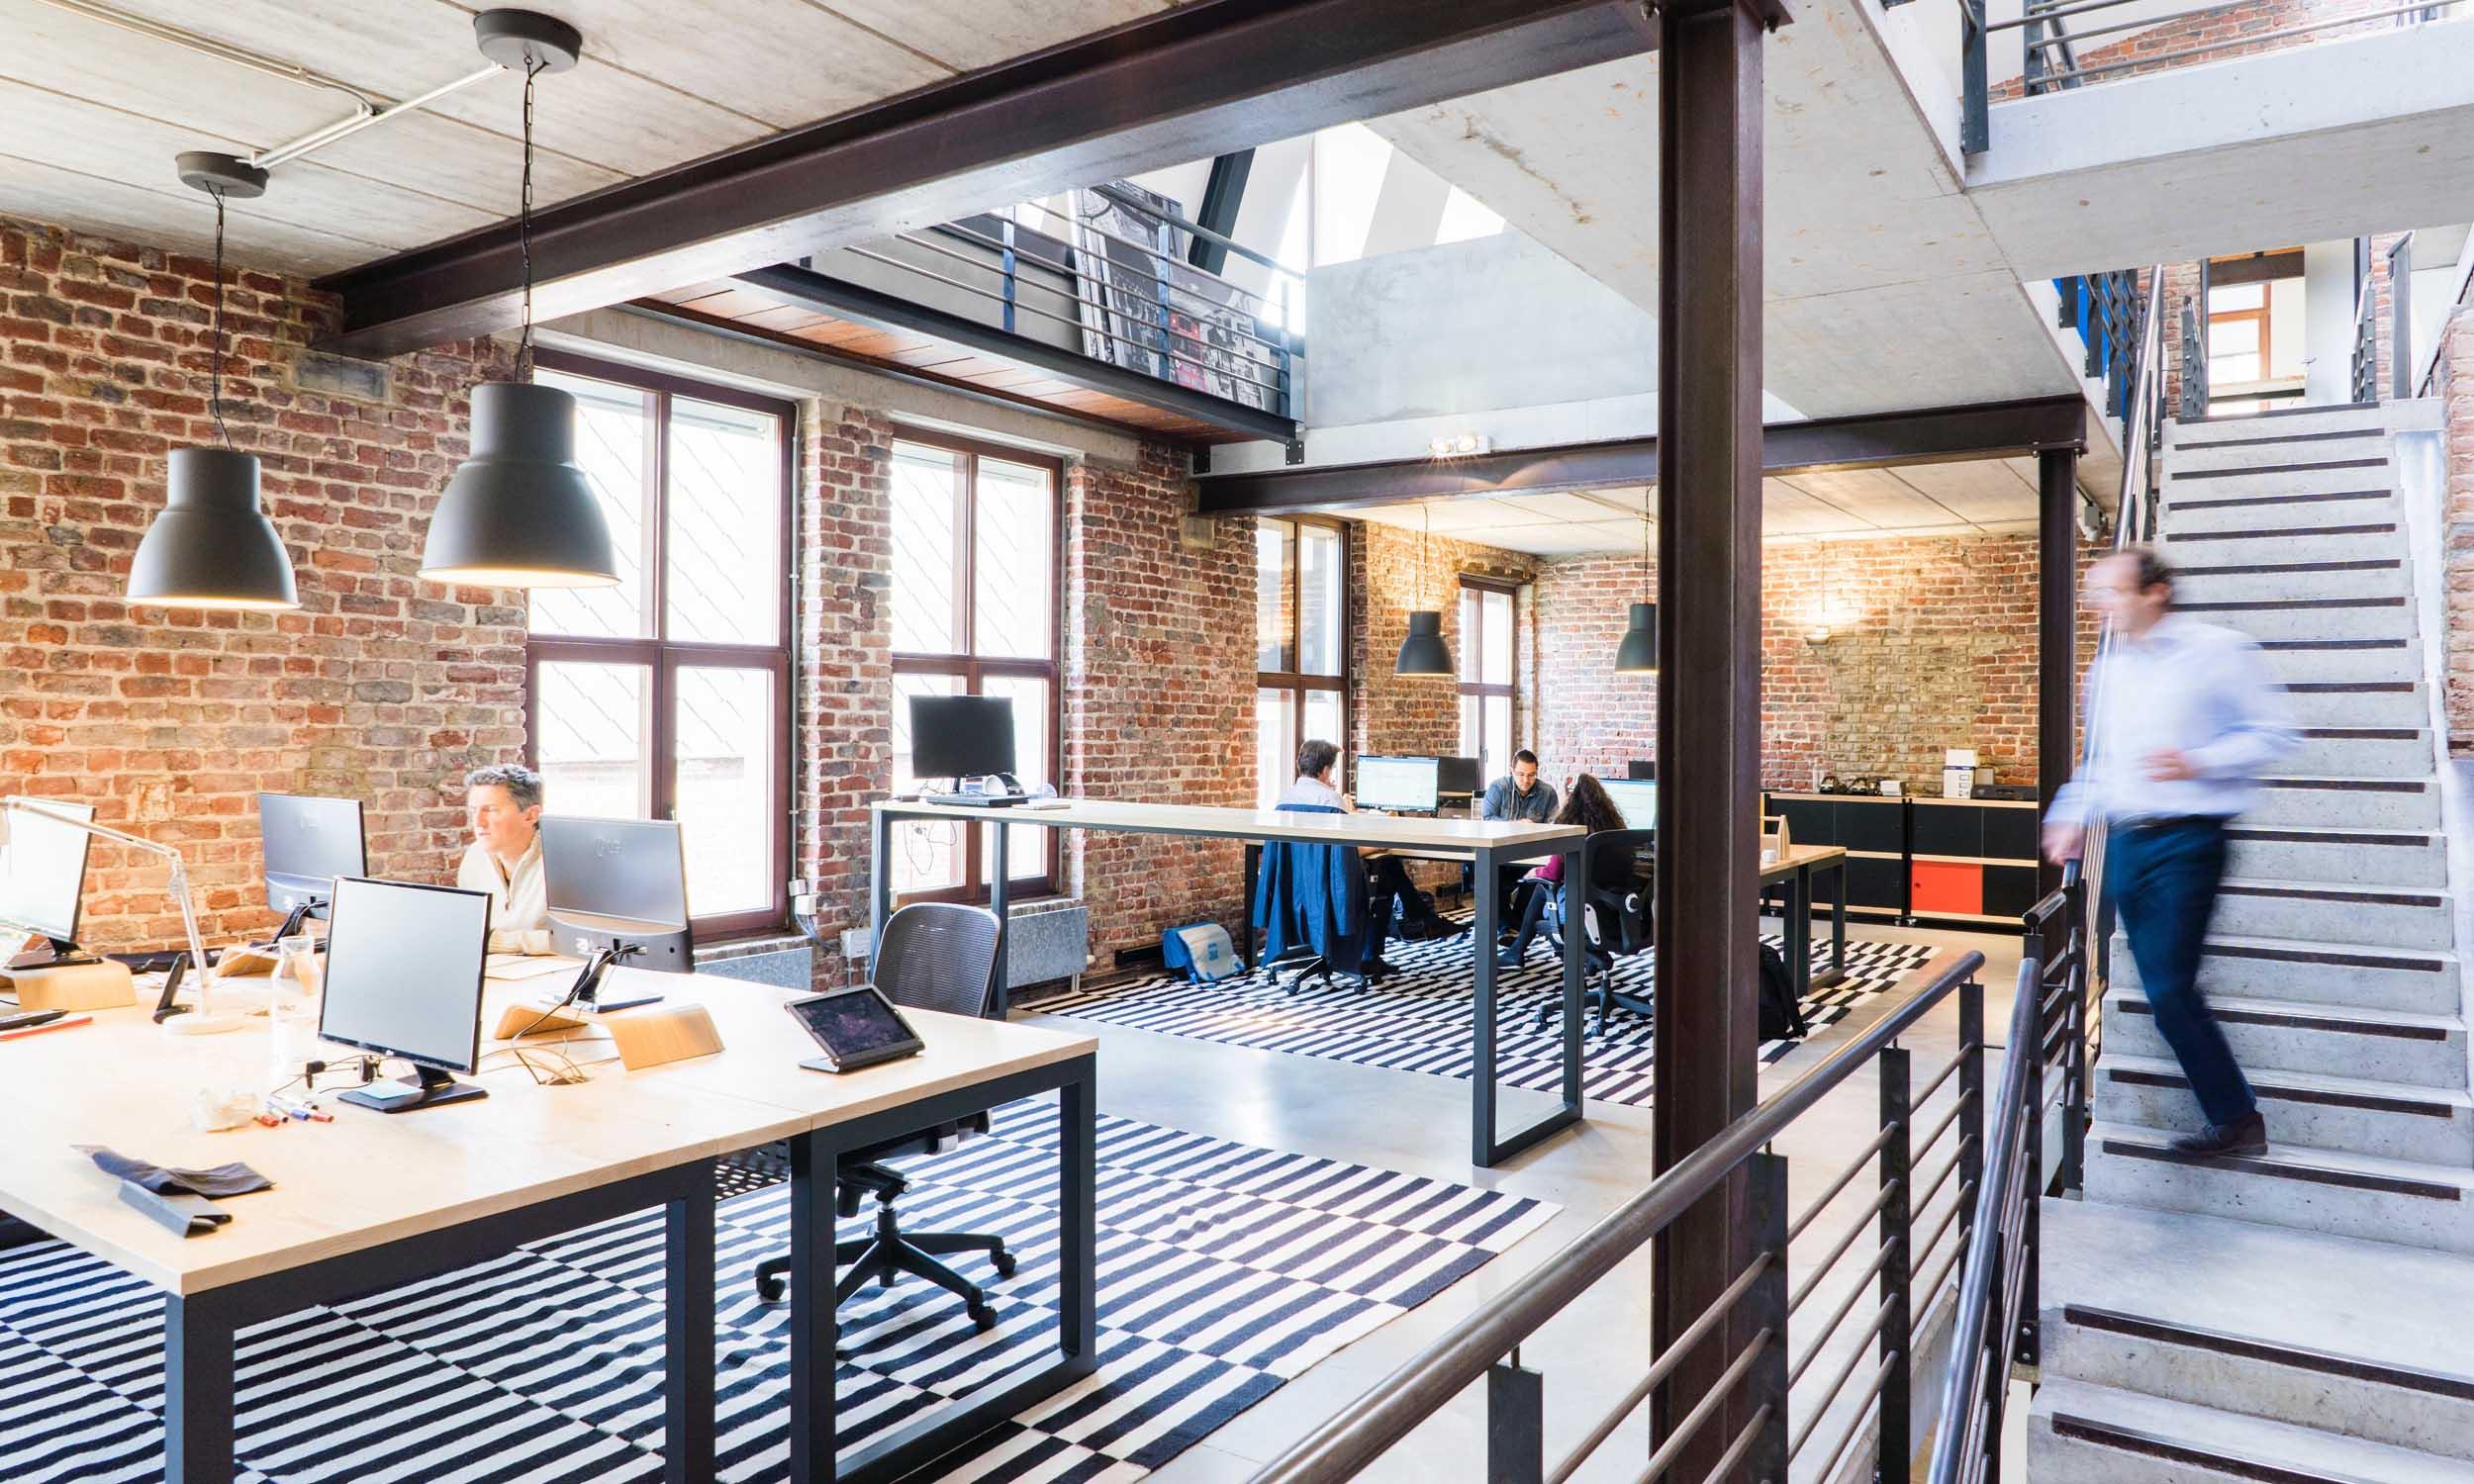 office-design-idee-come-arredare-ufficio-studio-architettura-interior-design-roma6